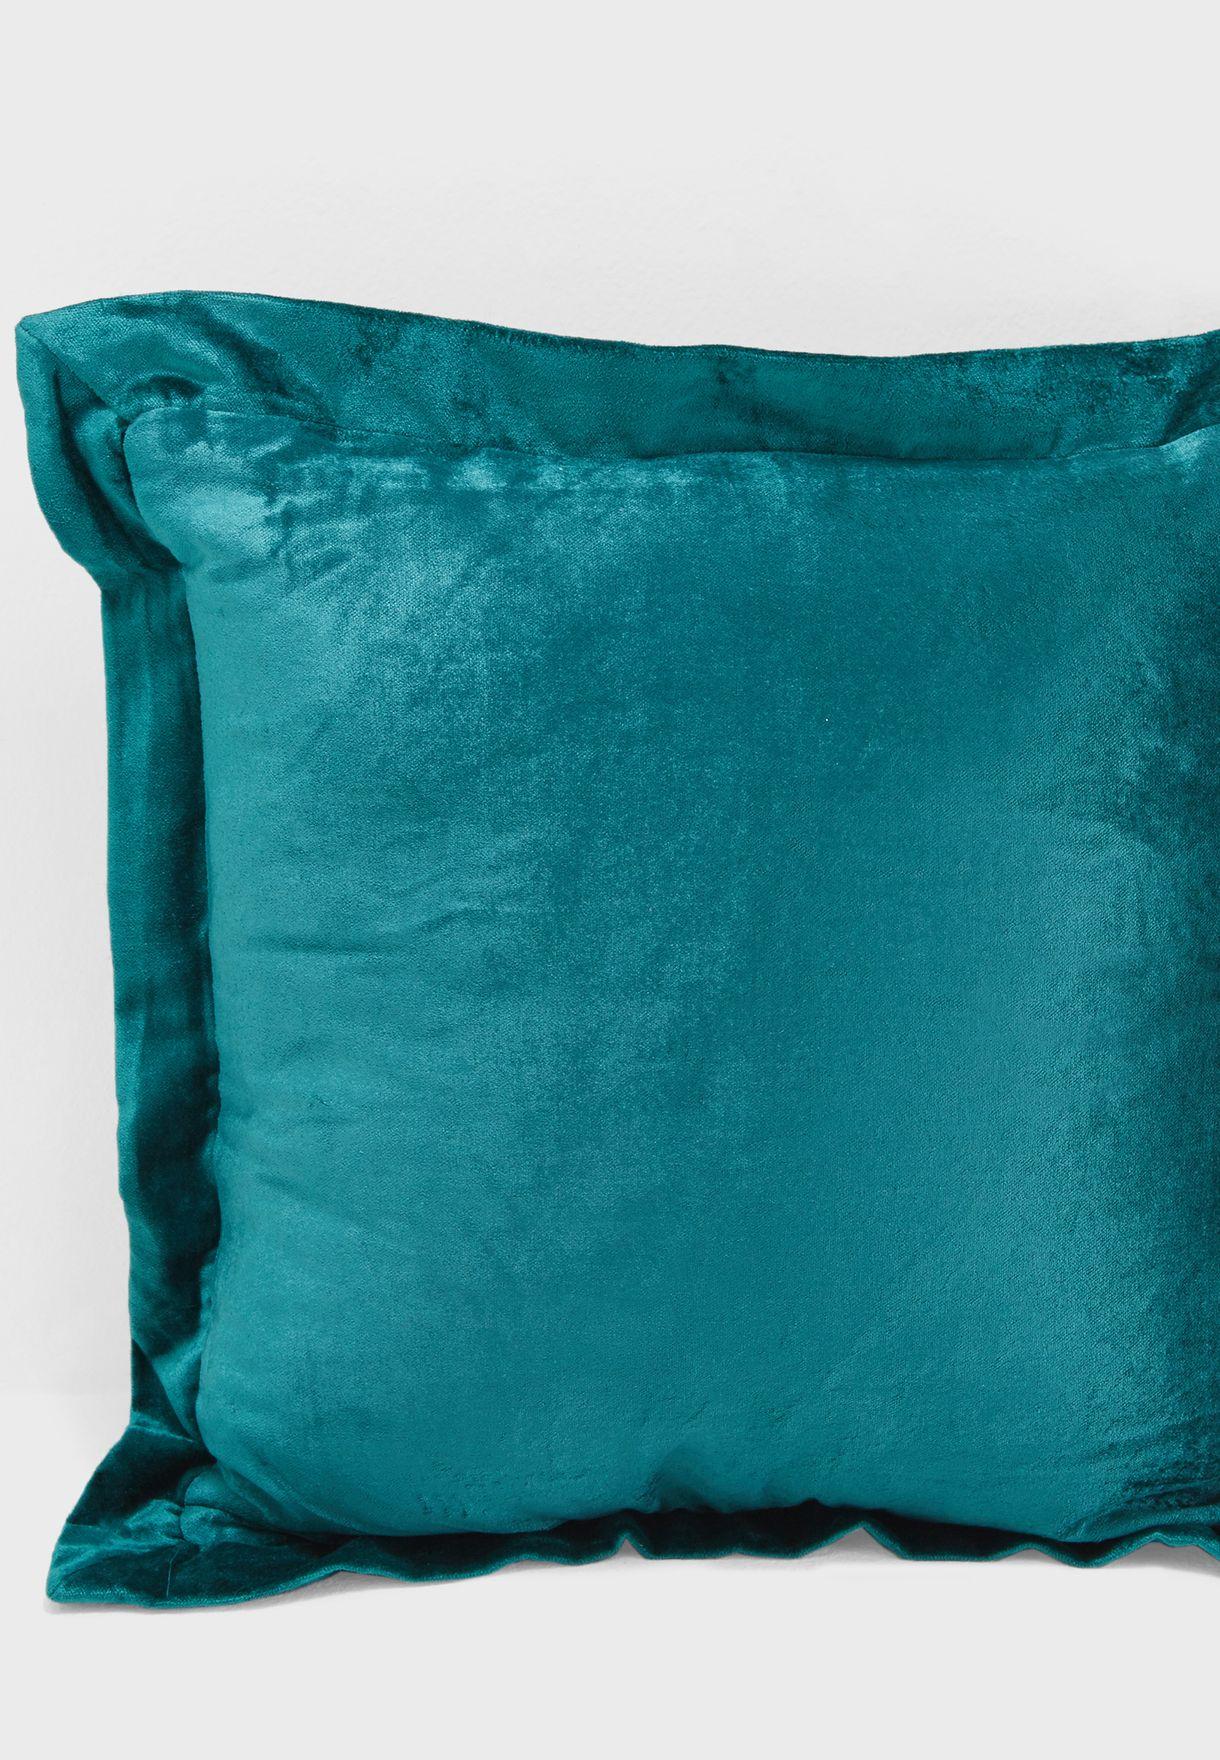 Emerald Velvet Cushion With Insert 45x45cm